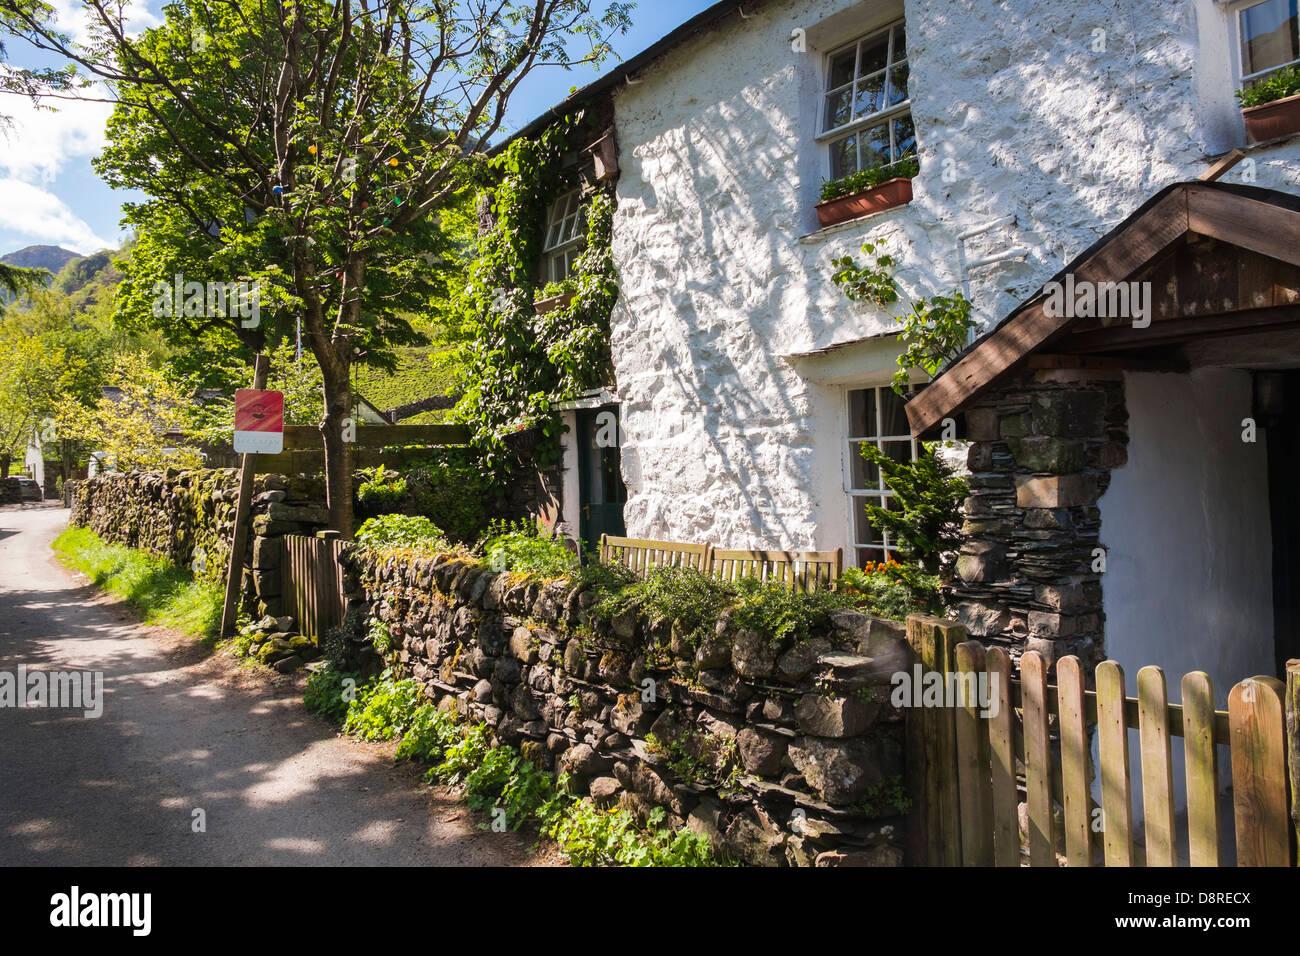 Knotts View Guest House que vende English lagos helados tradicionales de lujo en Stonethwaite en el distrito de Imagen De Stock